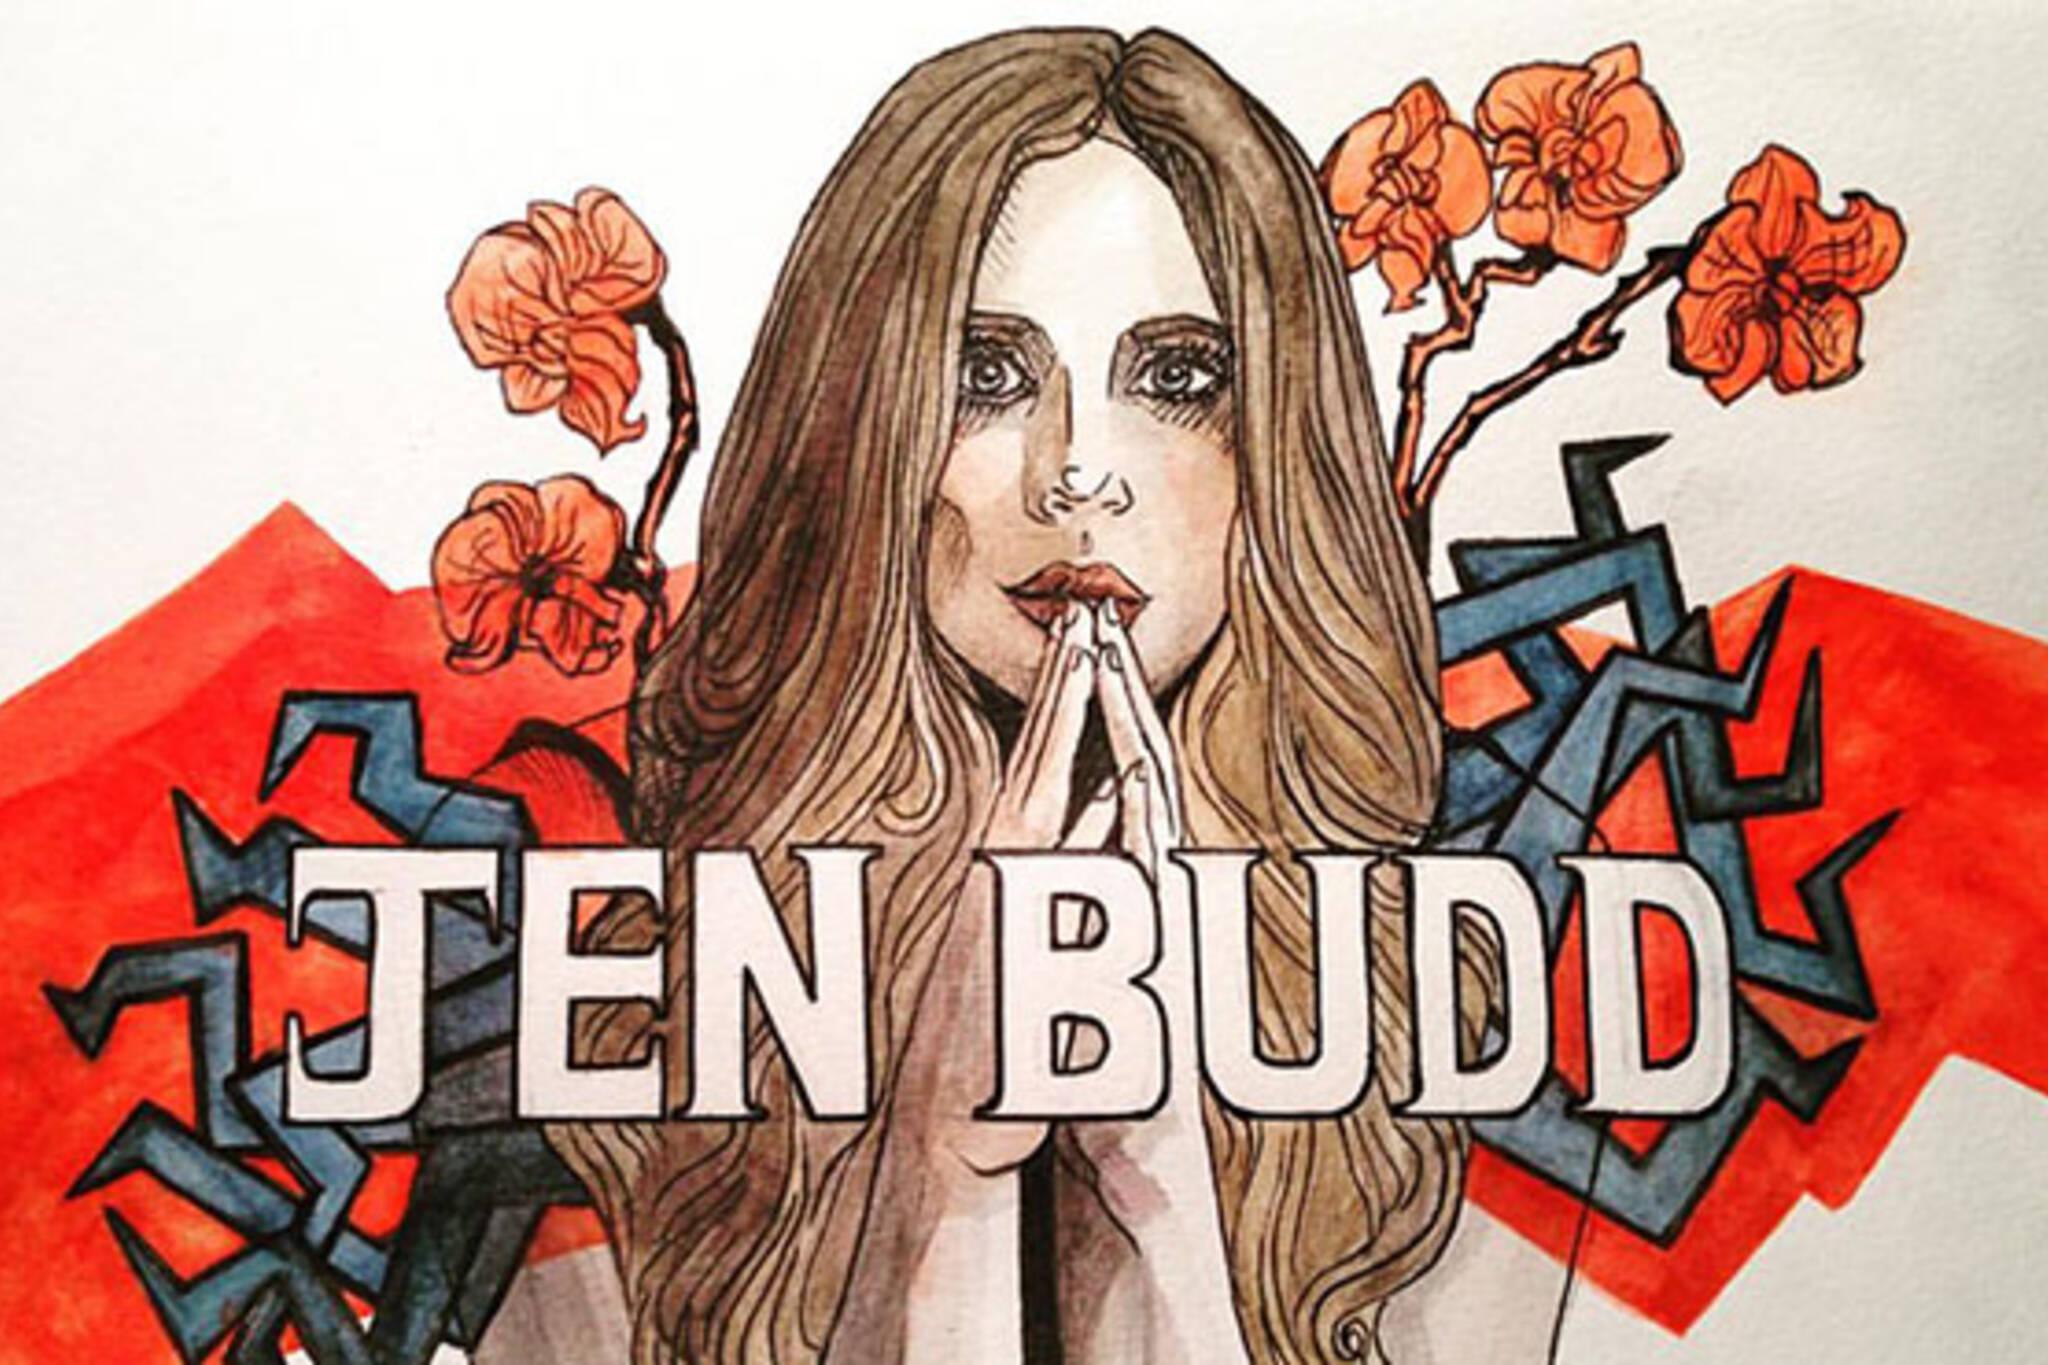 Jennifer Budd